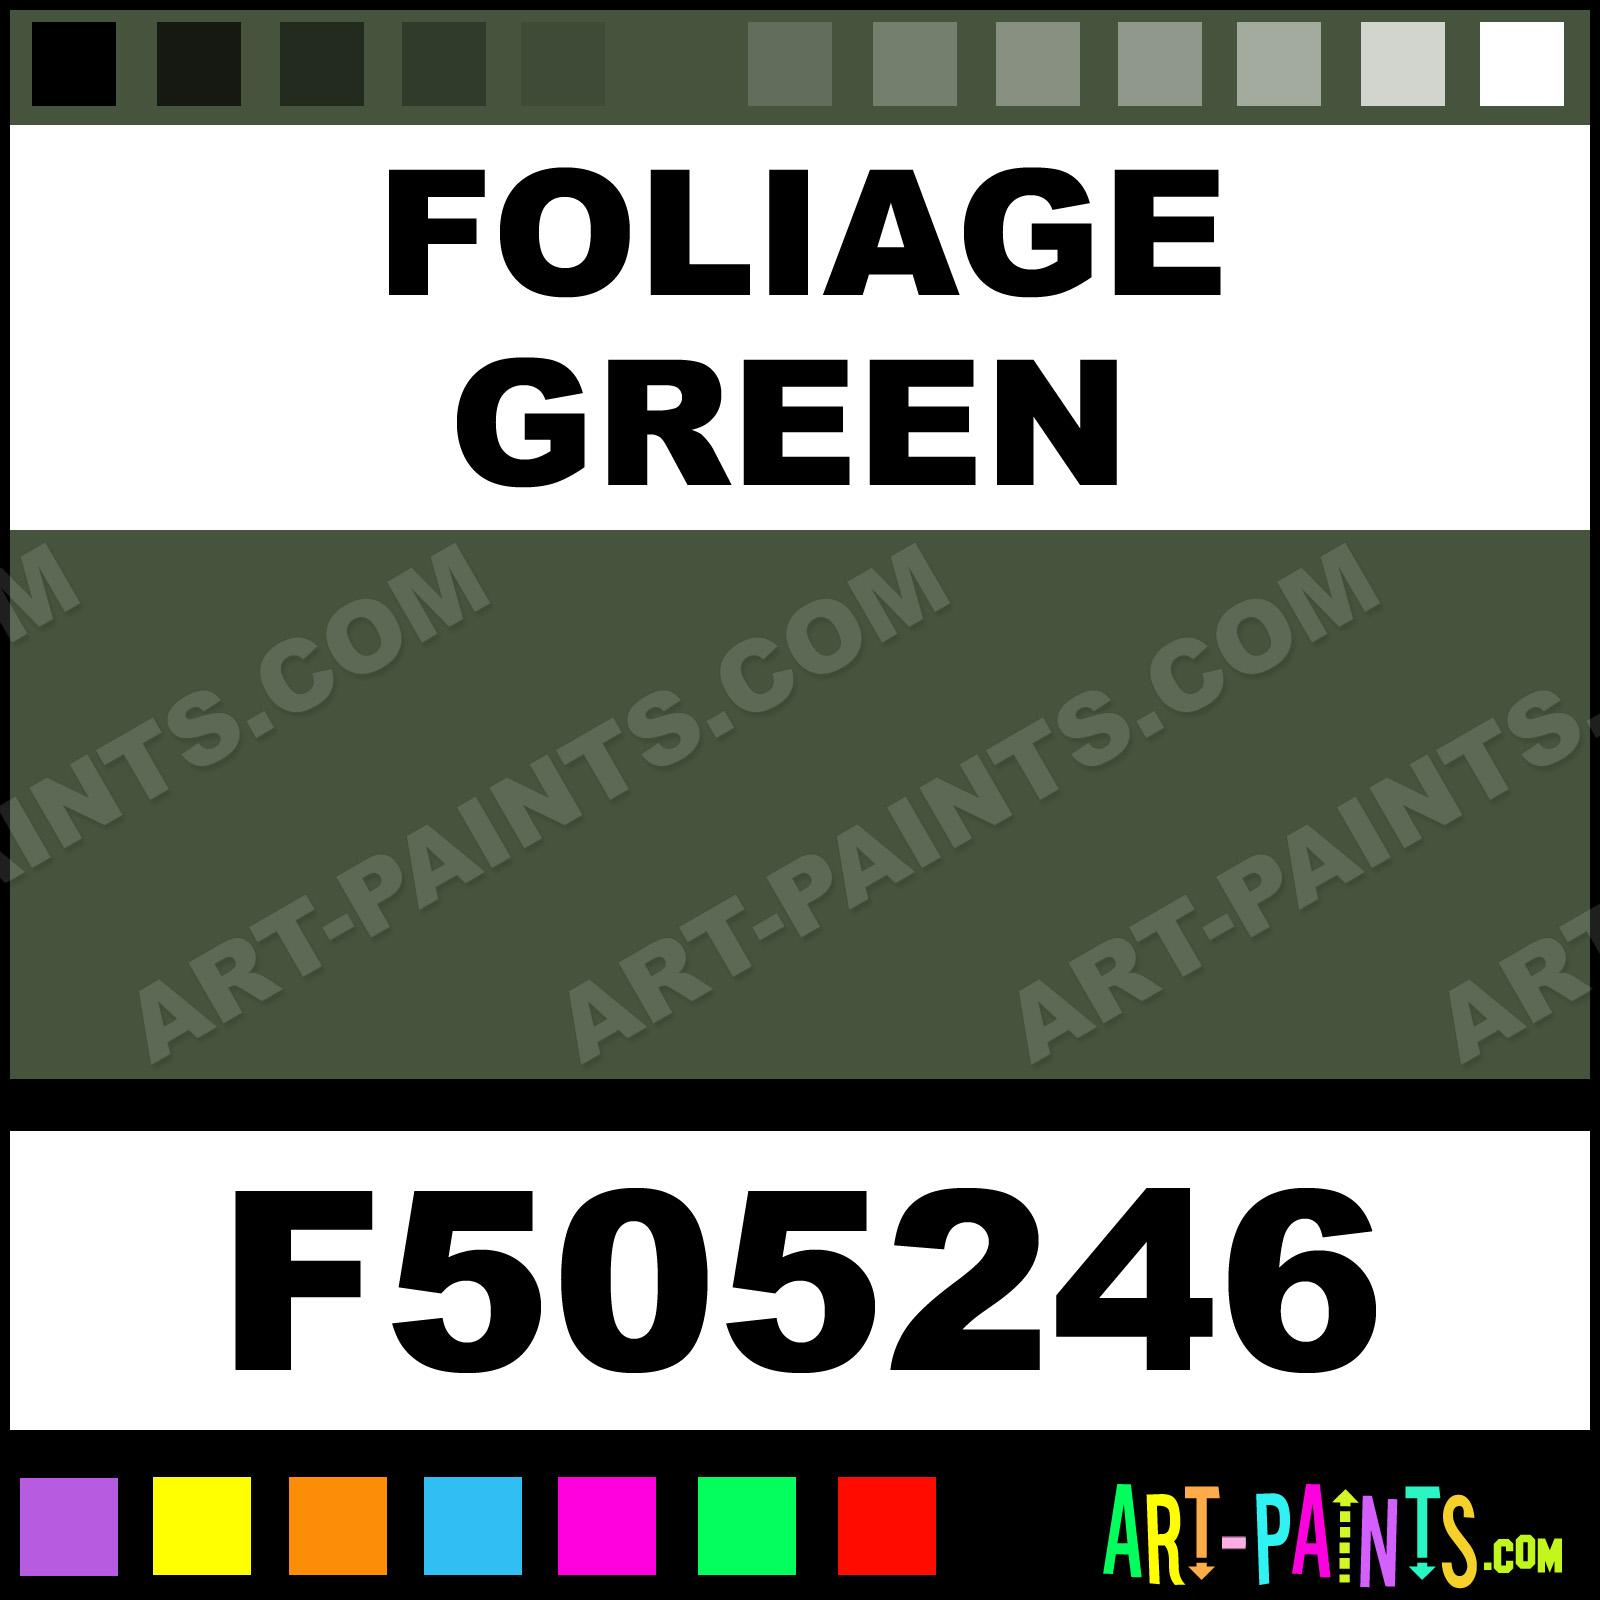 Foliage Green Paint